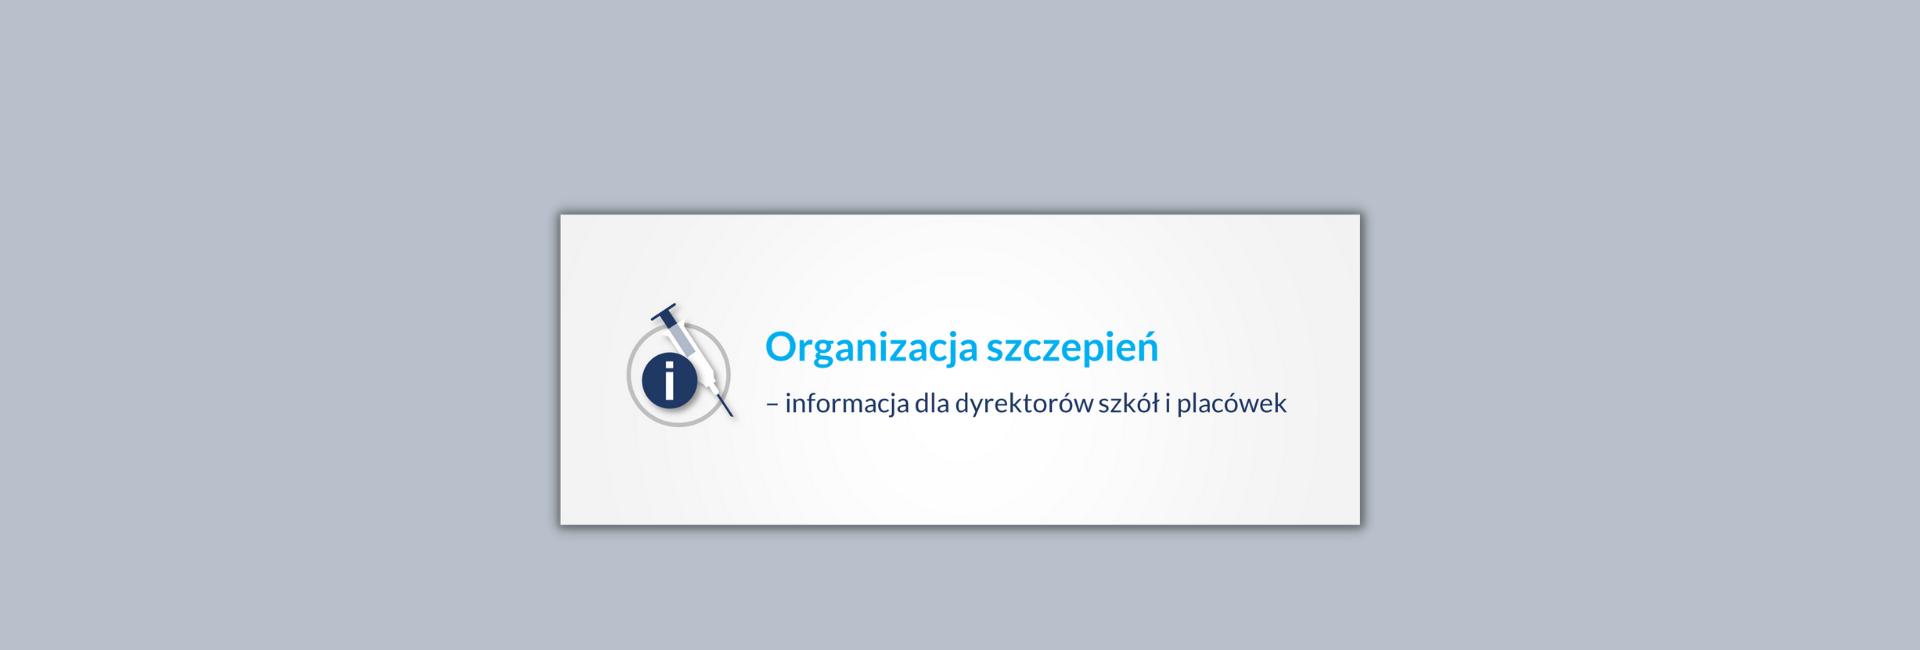 BAner organizacja szczepień - informacja dla dyrektorów szkół i placówek